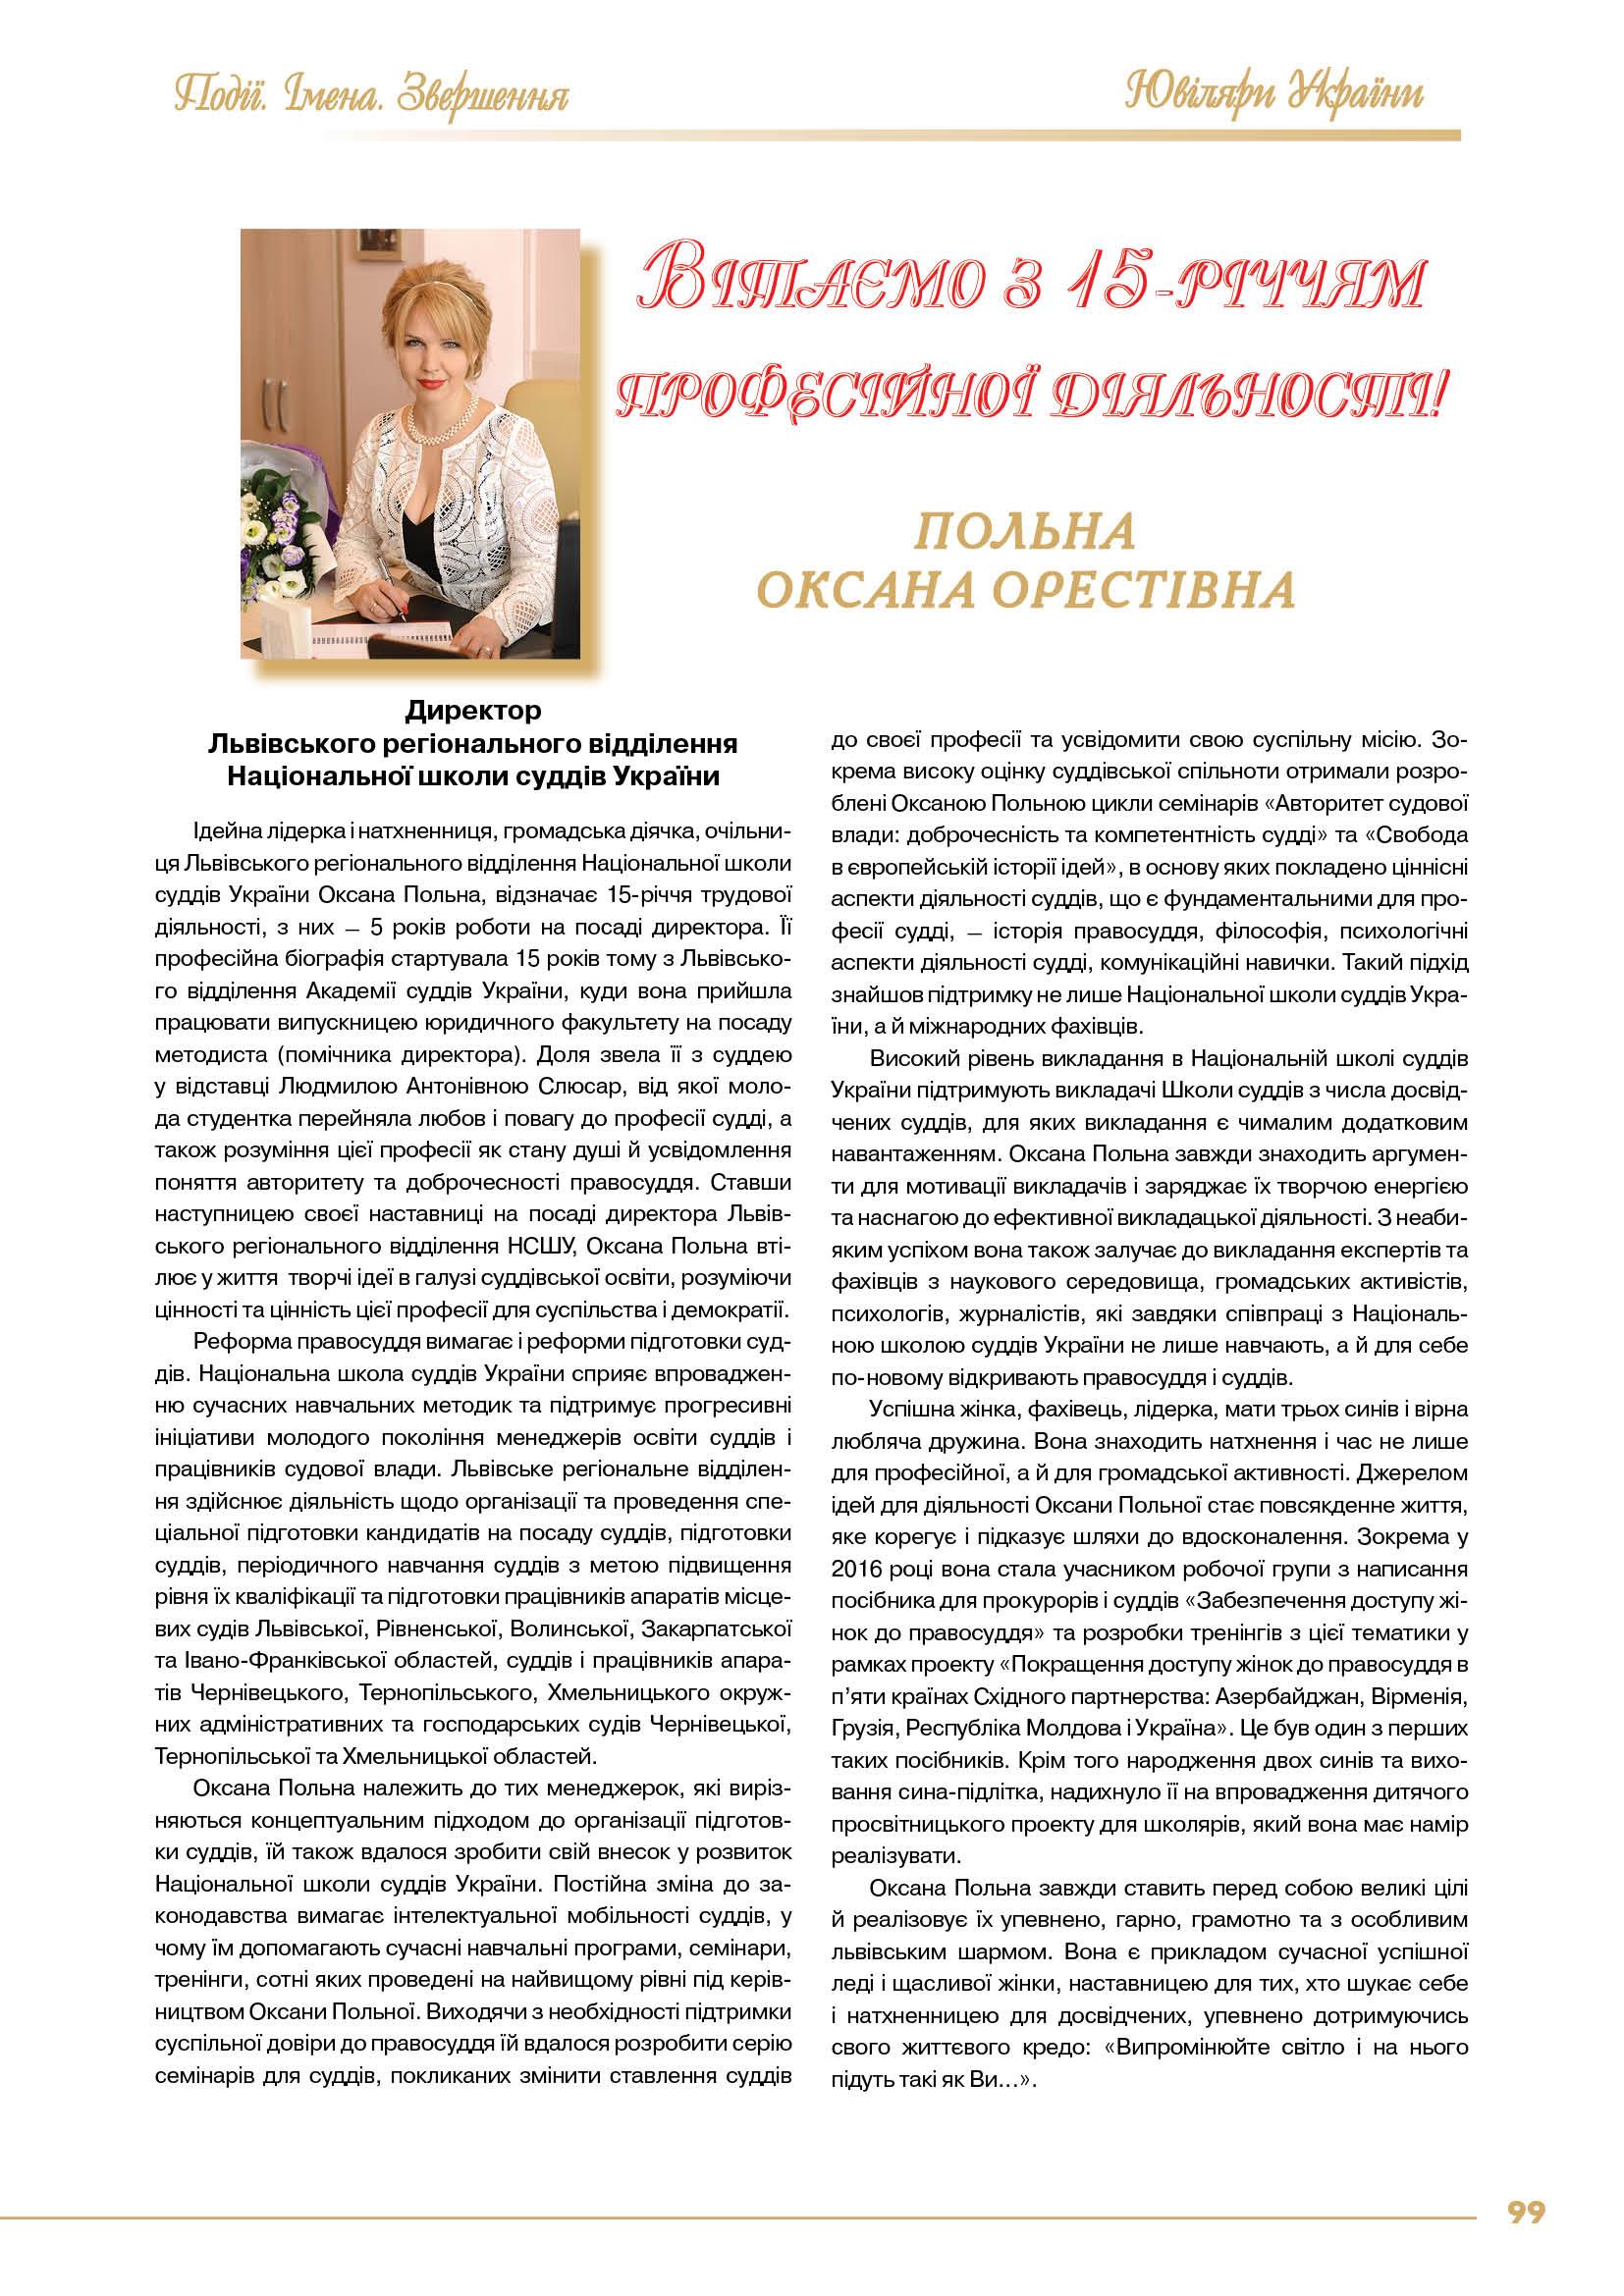 Польна Оксана Орестівна